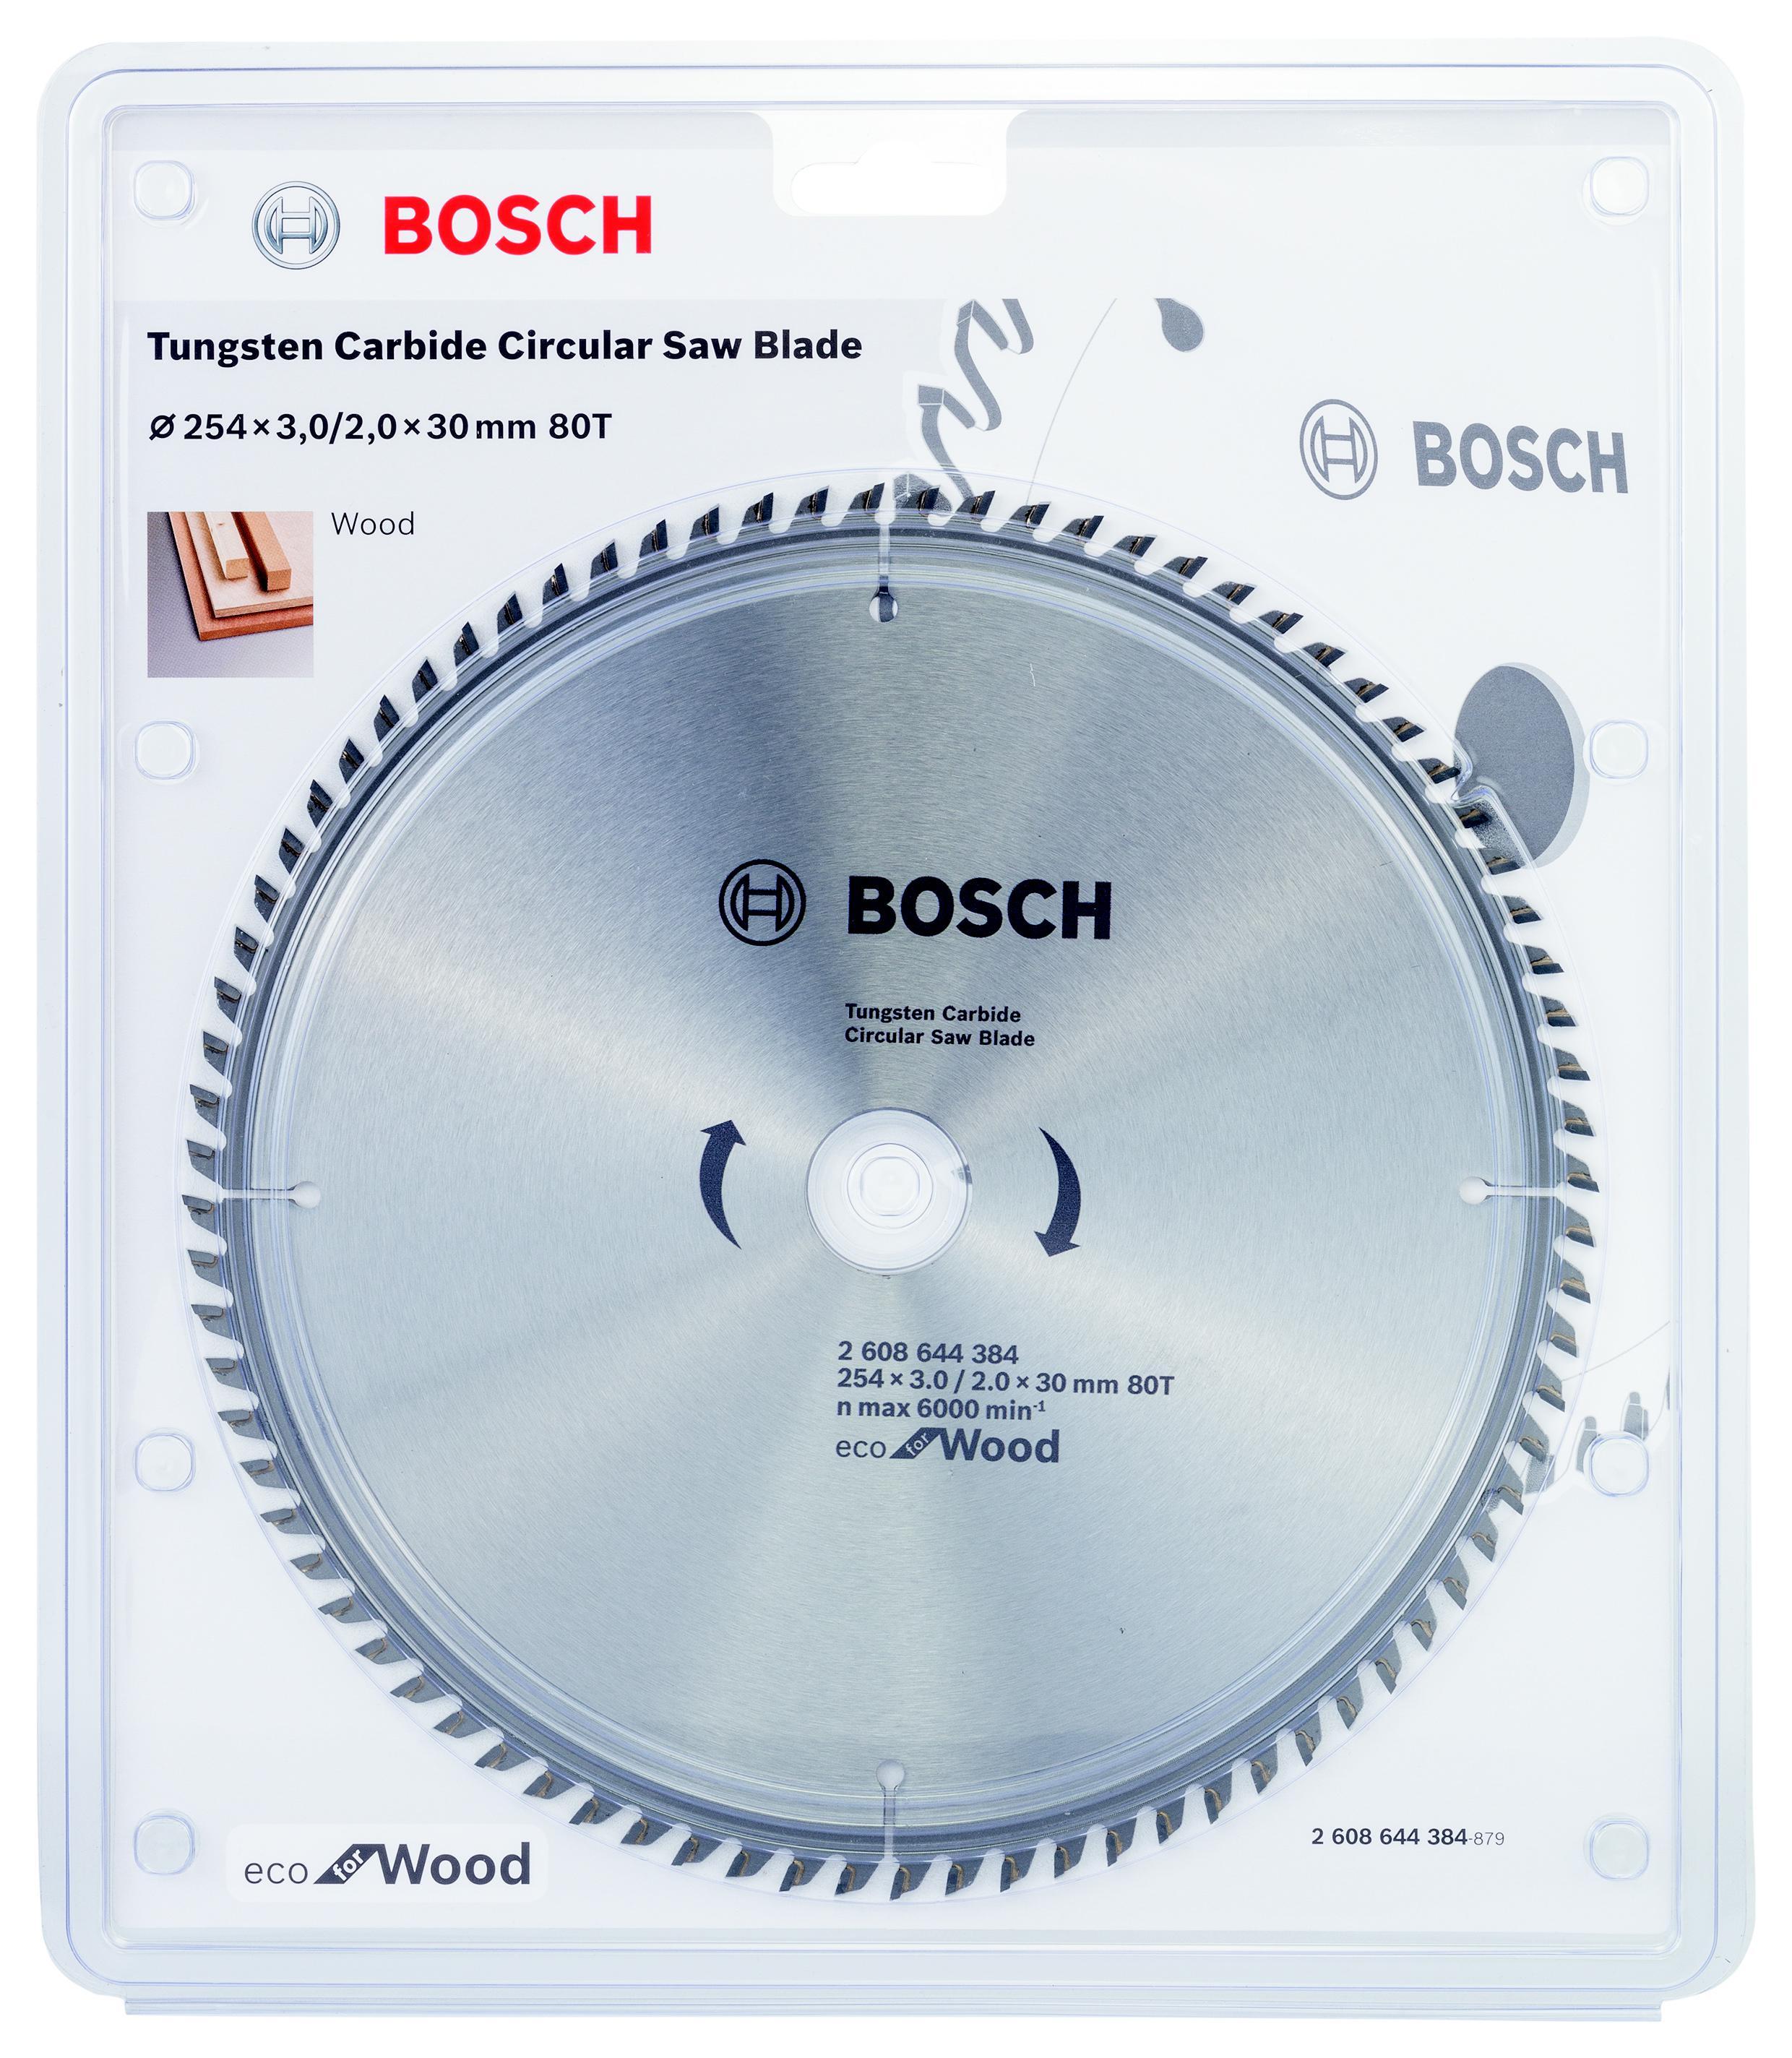 Диск пильный твердосплавный Bosch Eco wo 254x30-80t (2.608.644.384) диск пильный твердосплавный bosch eco wo 254x30 40t 2 608 644 383 по дереву